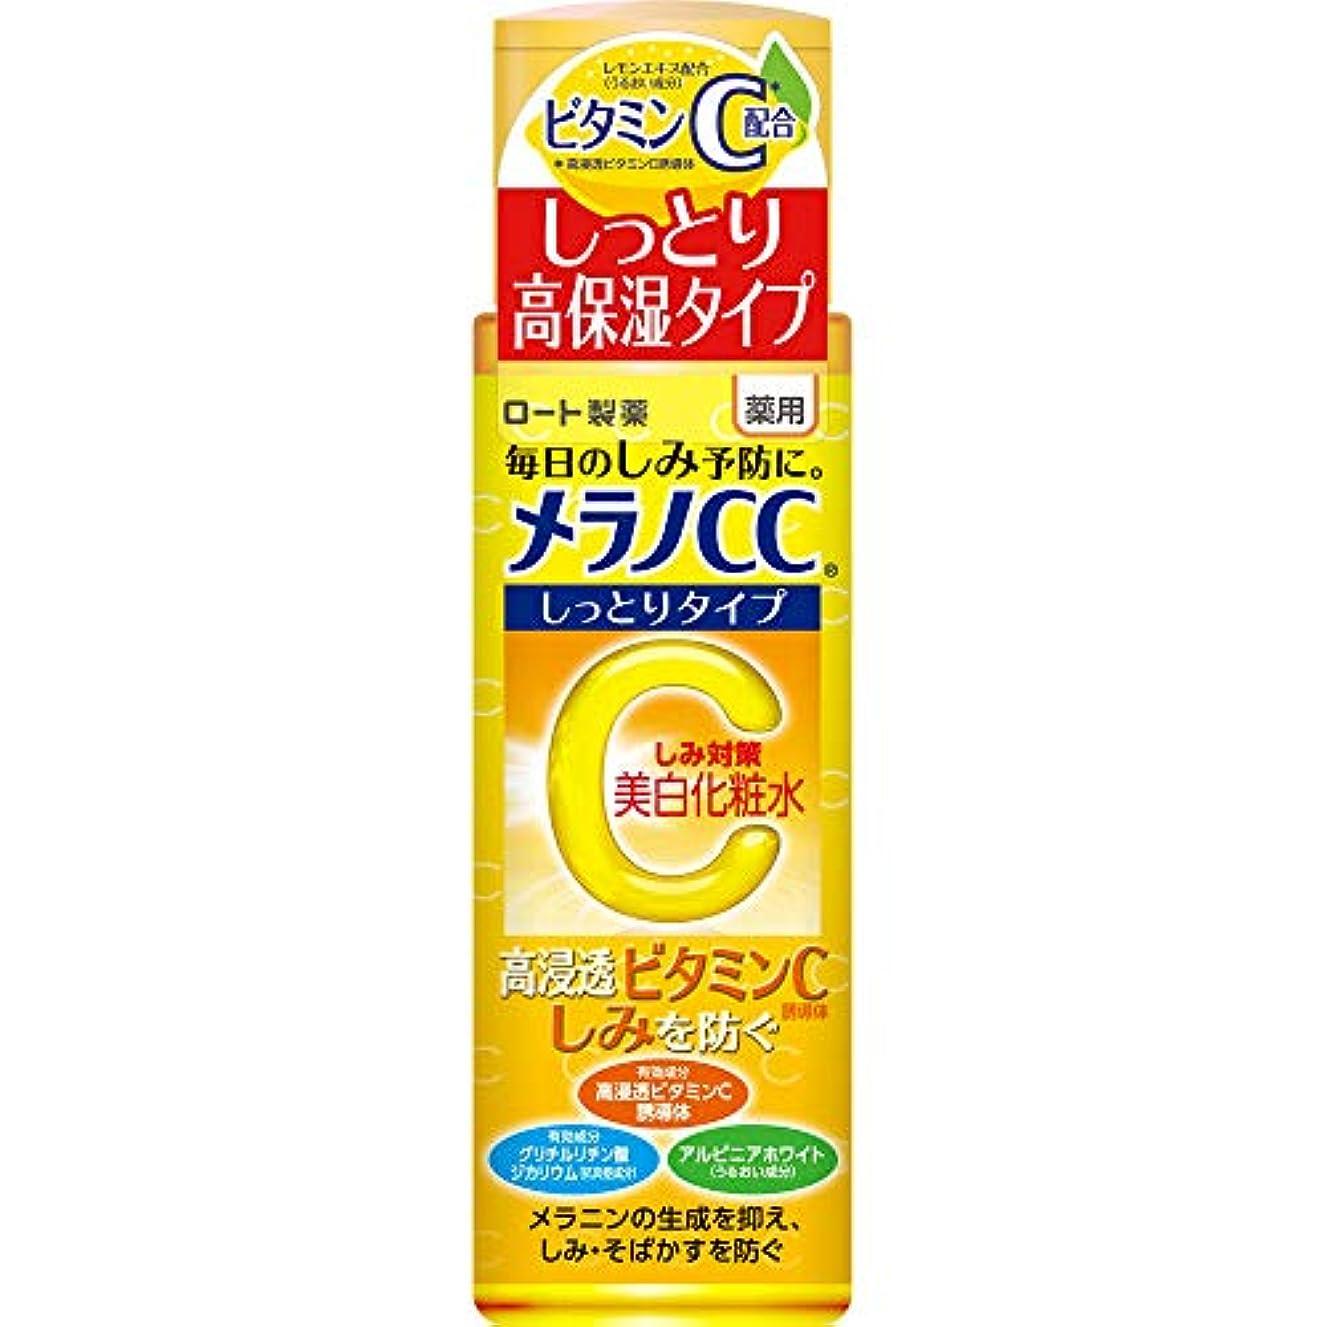 フリル慎重に液体メラノCC 薬用しみ対策美白化粧水 しっとりタイプ 170mL